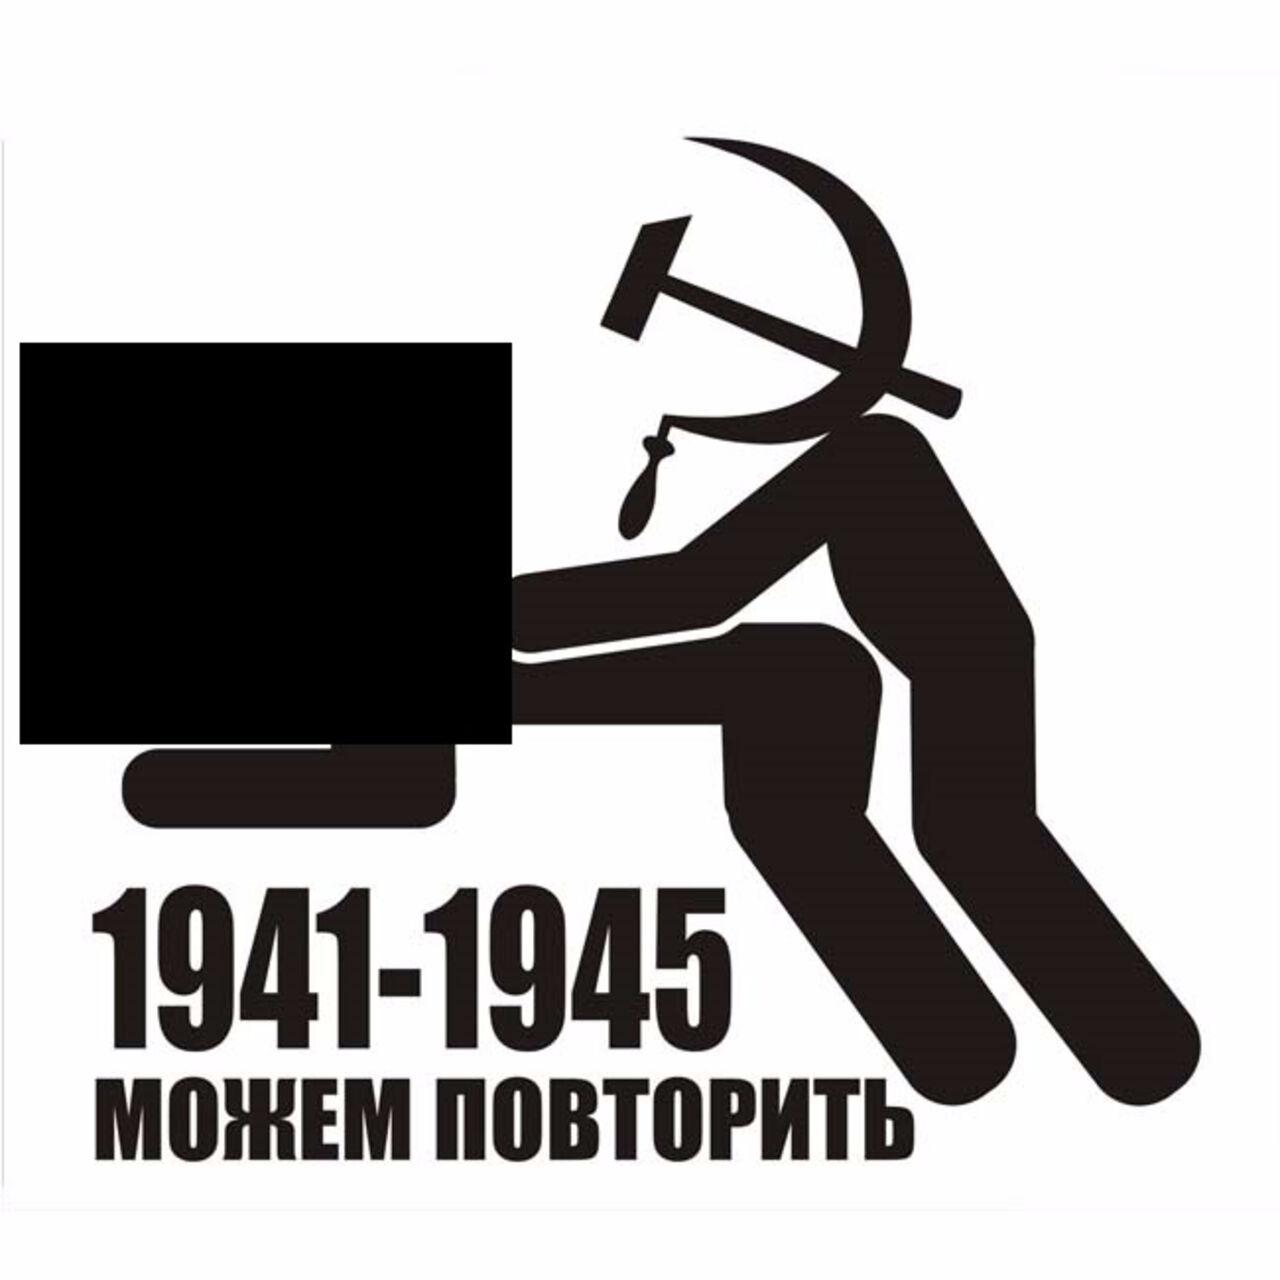 Администратора мурманского паблика хотят оштрафовать замем «Лентача»